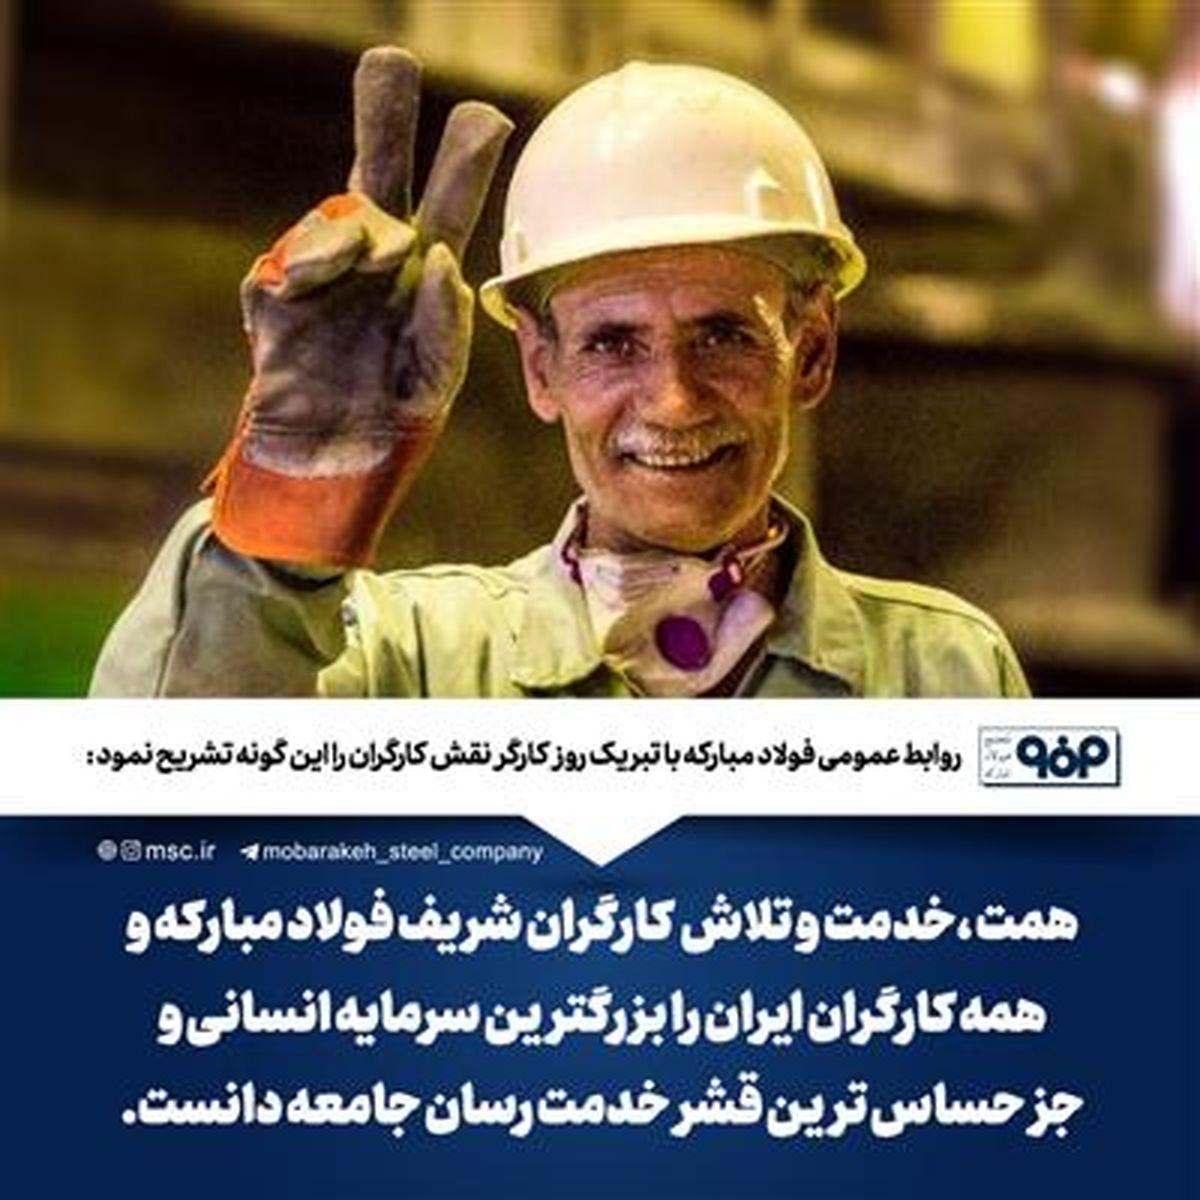 پیام روابط عمومی شرکت فولاد مبارکه به مناسبت روز کارگر